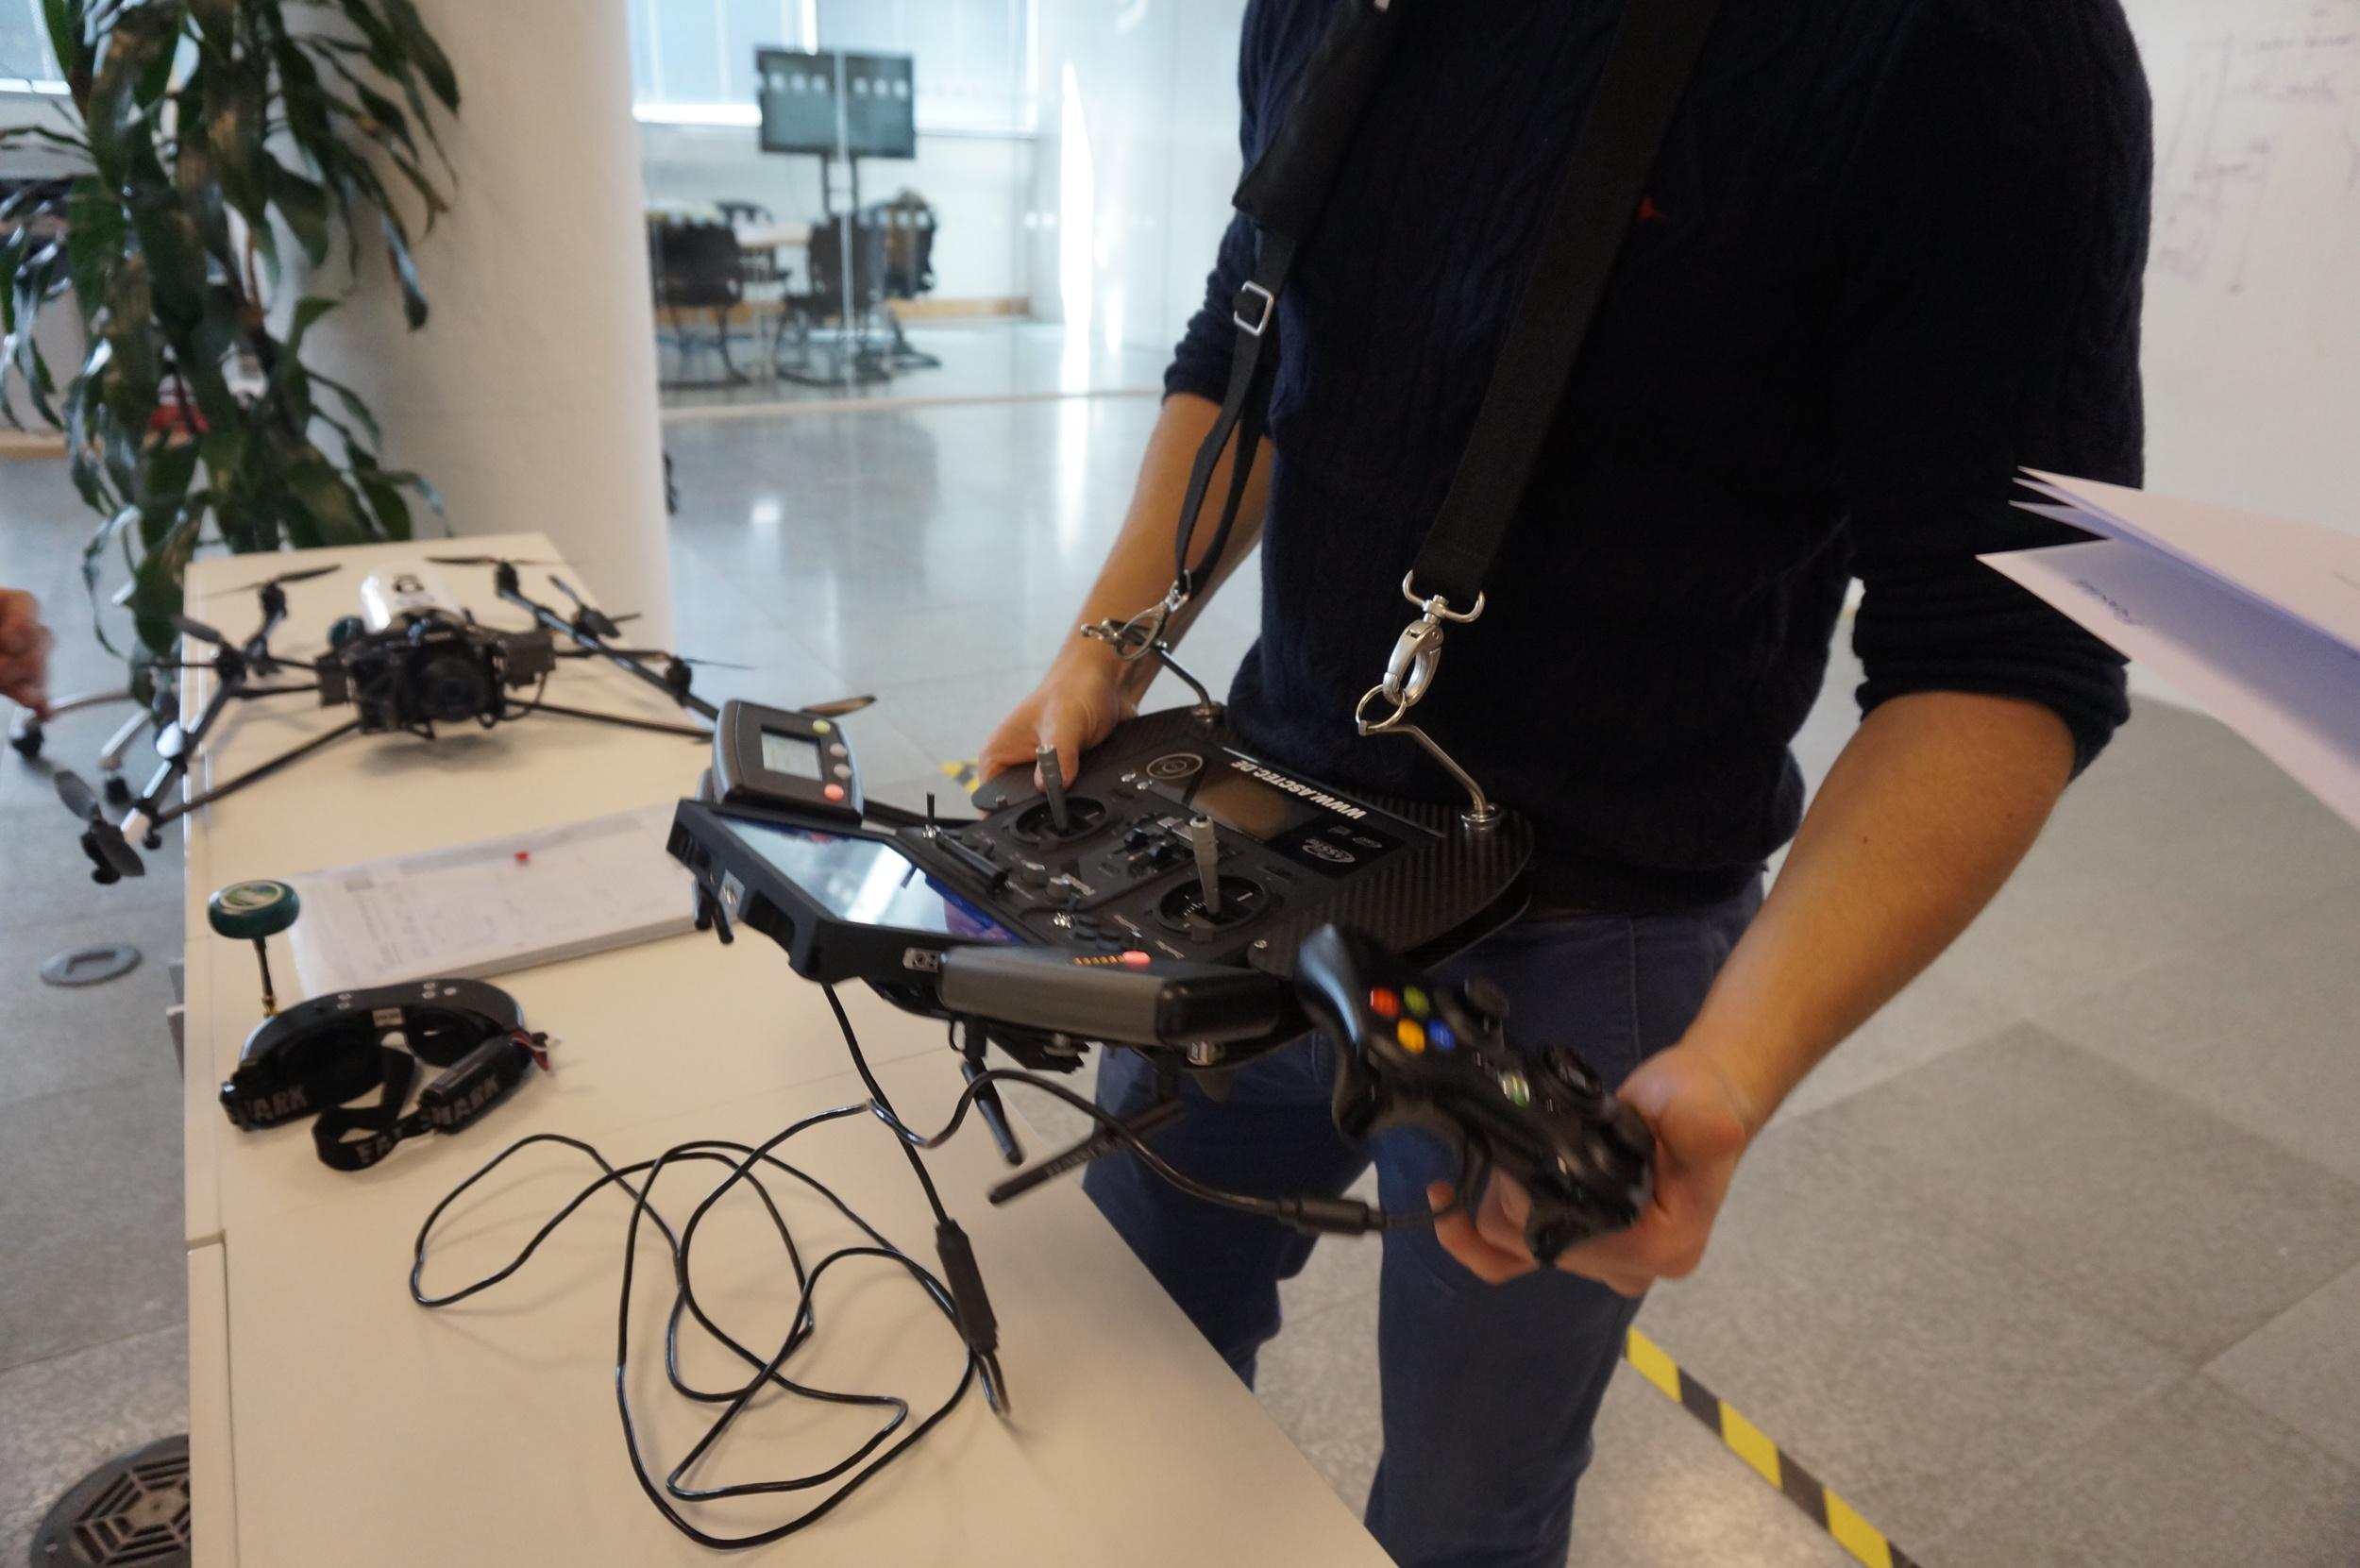 Copy of UAV controller